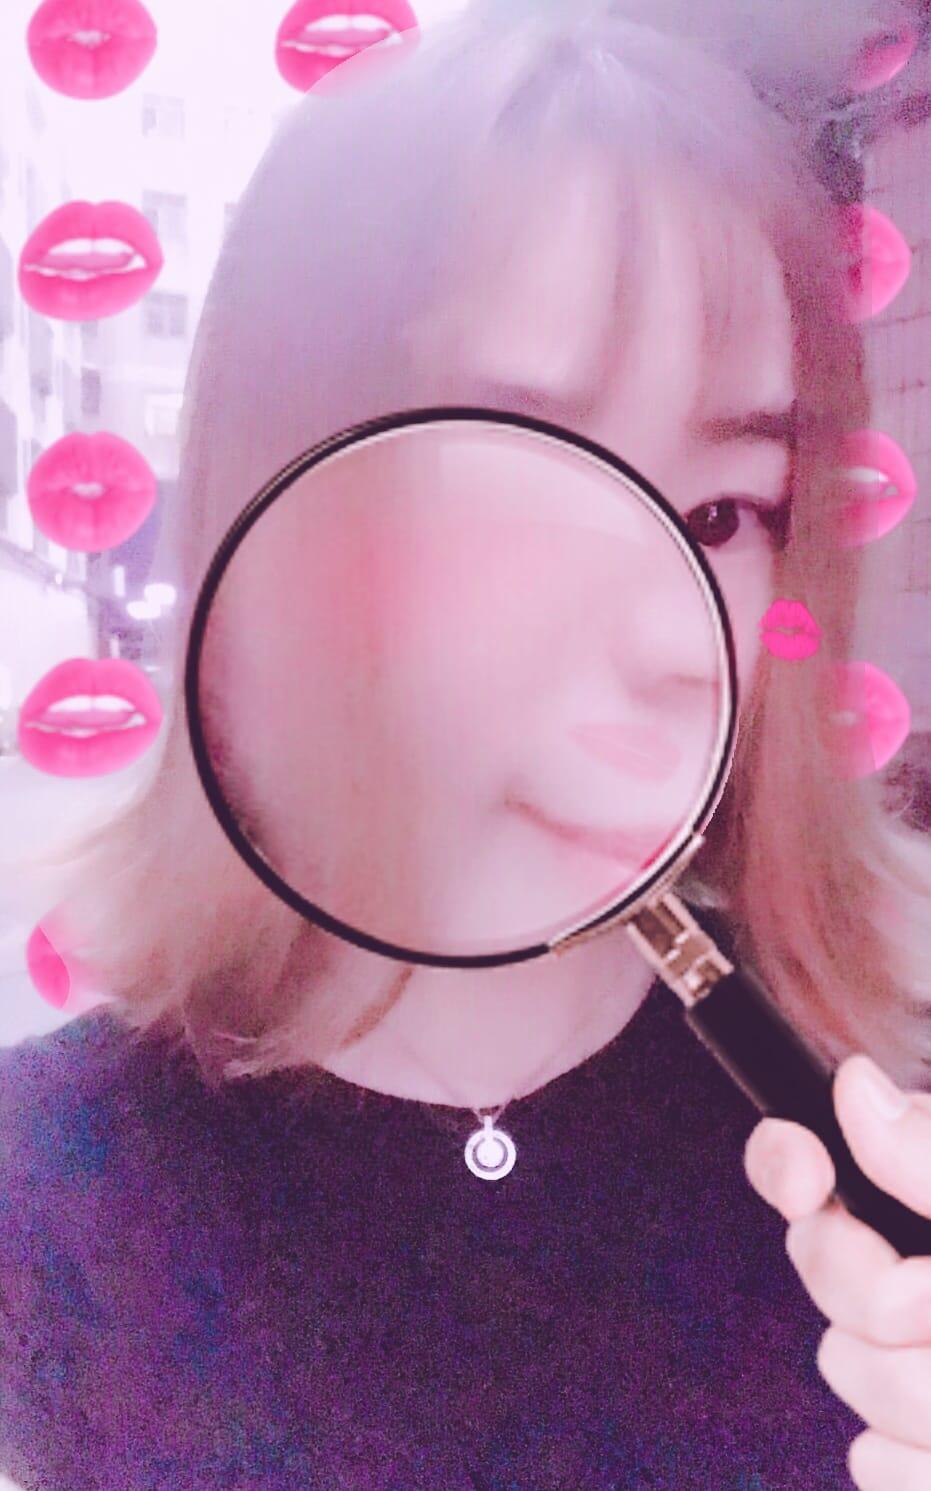 「ただいま♪」08/19日(日) 13:14 | ルナの写メ・風俗動画